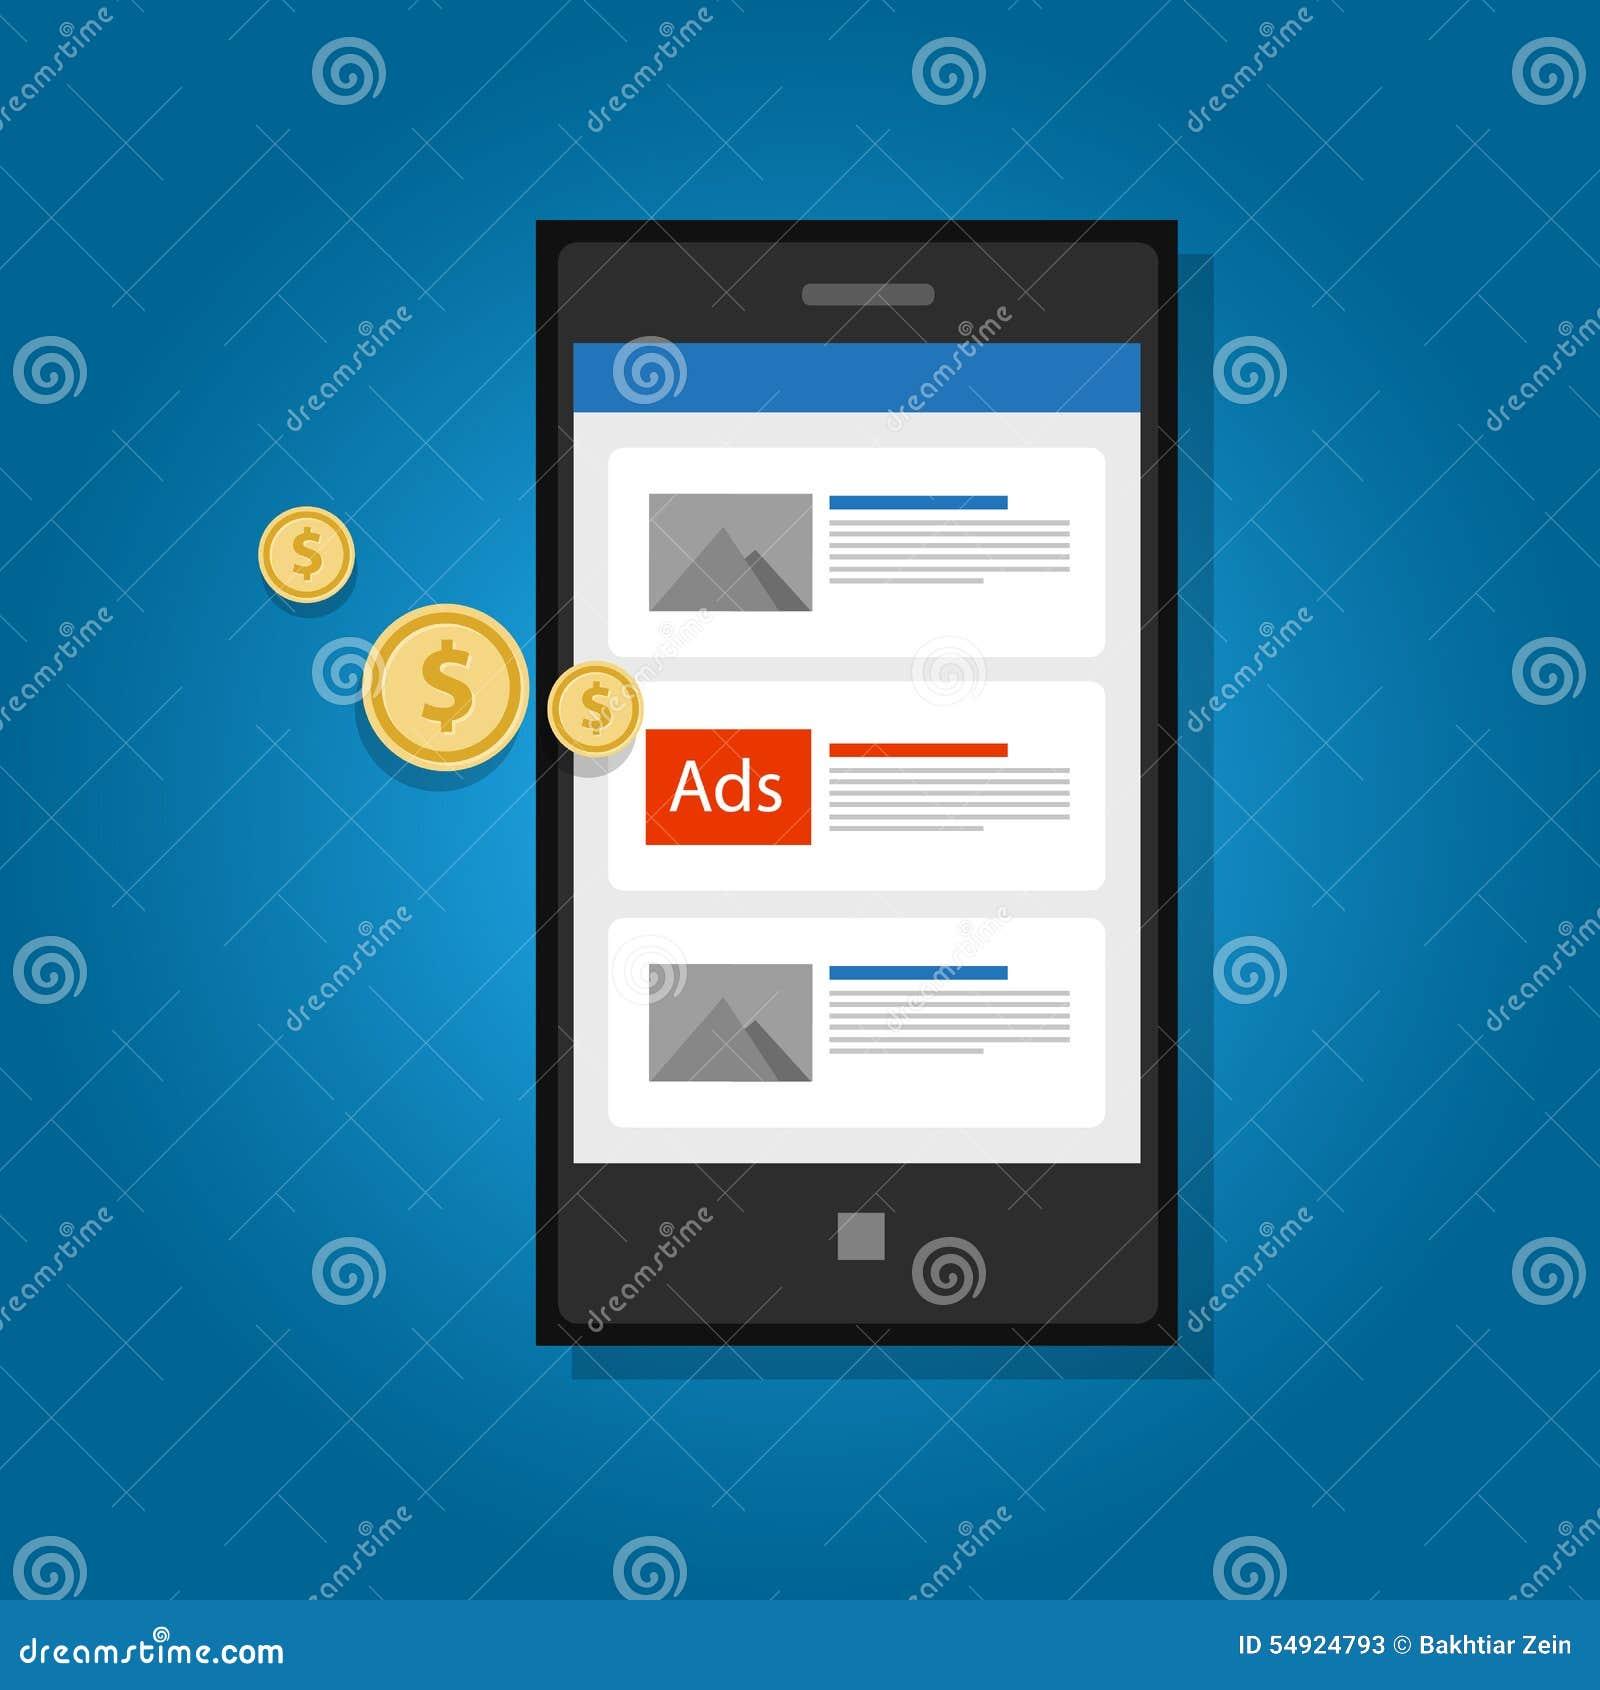 De mobiele advertenties die telefoon adverteren klikken digitaal